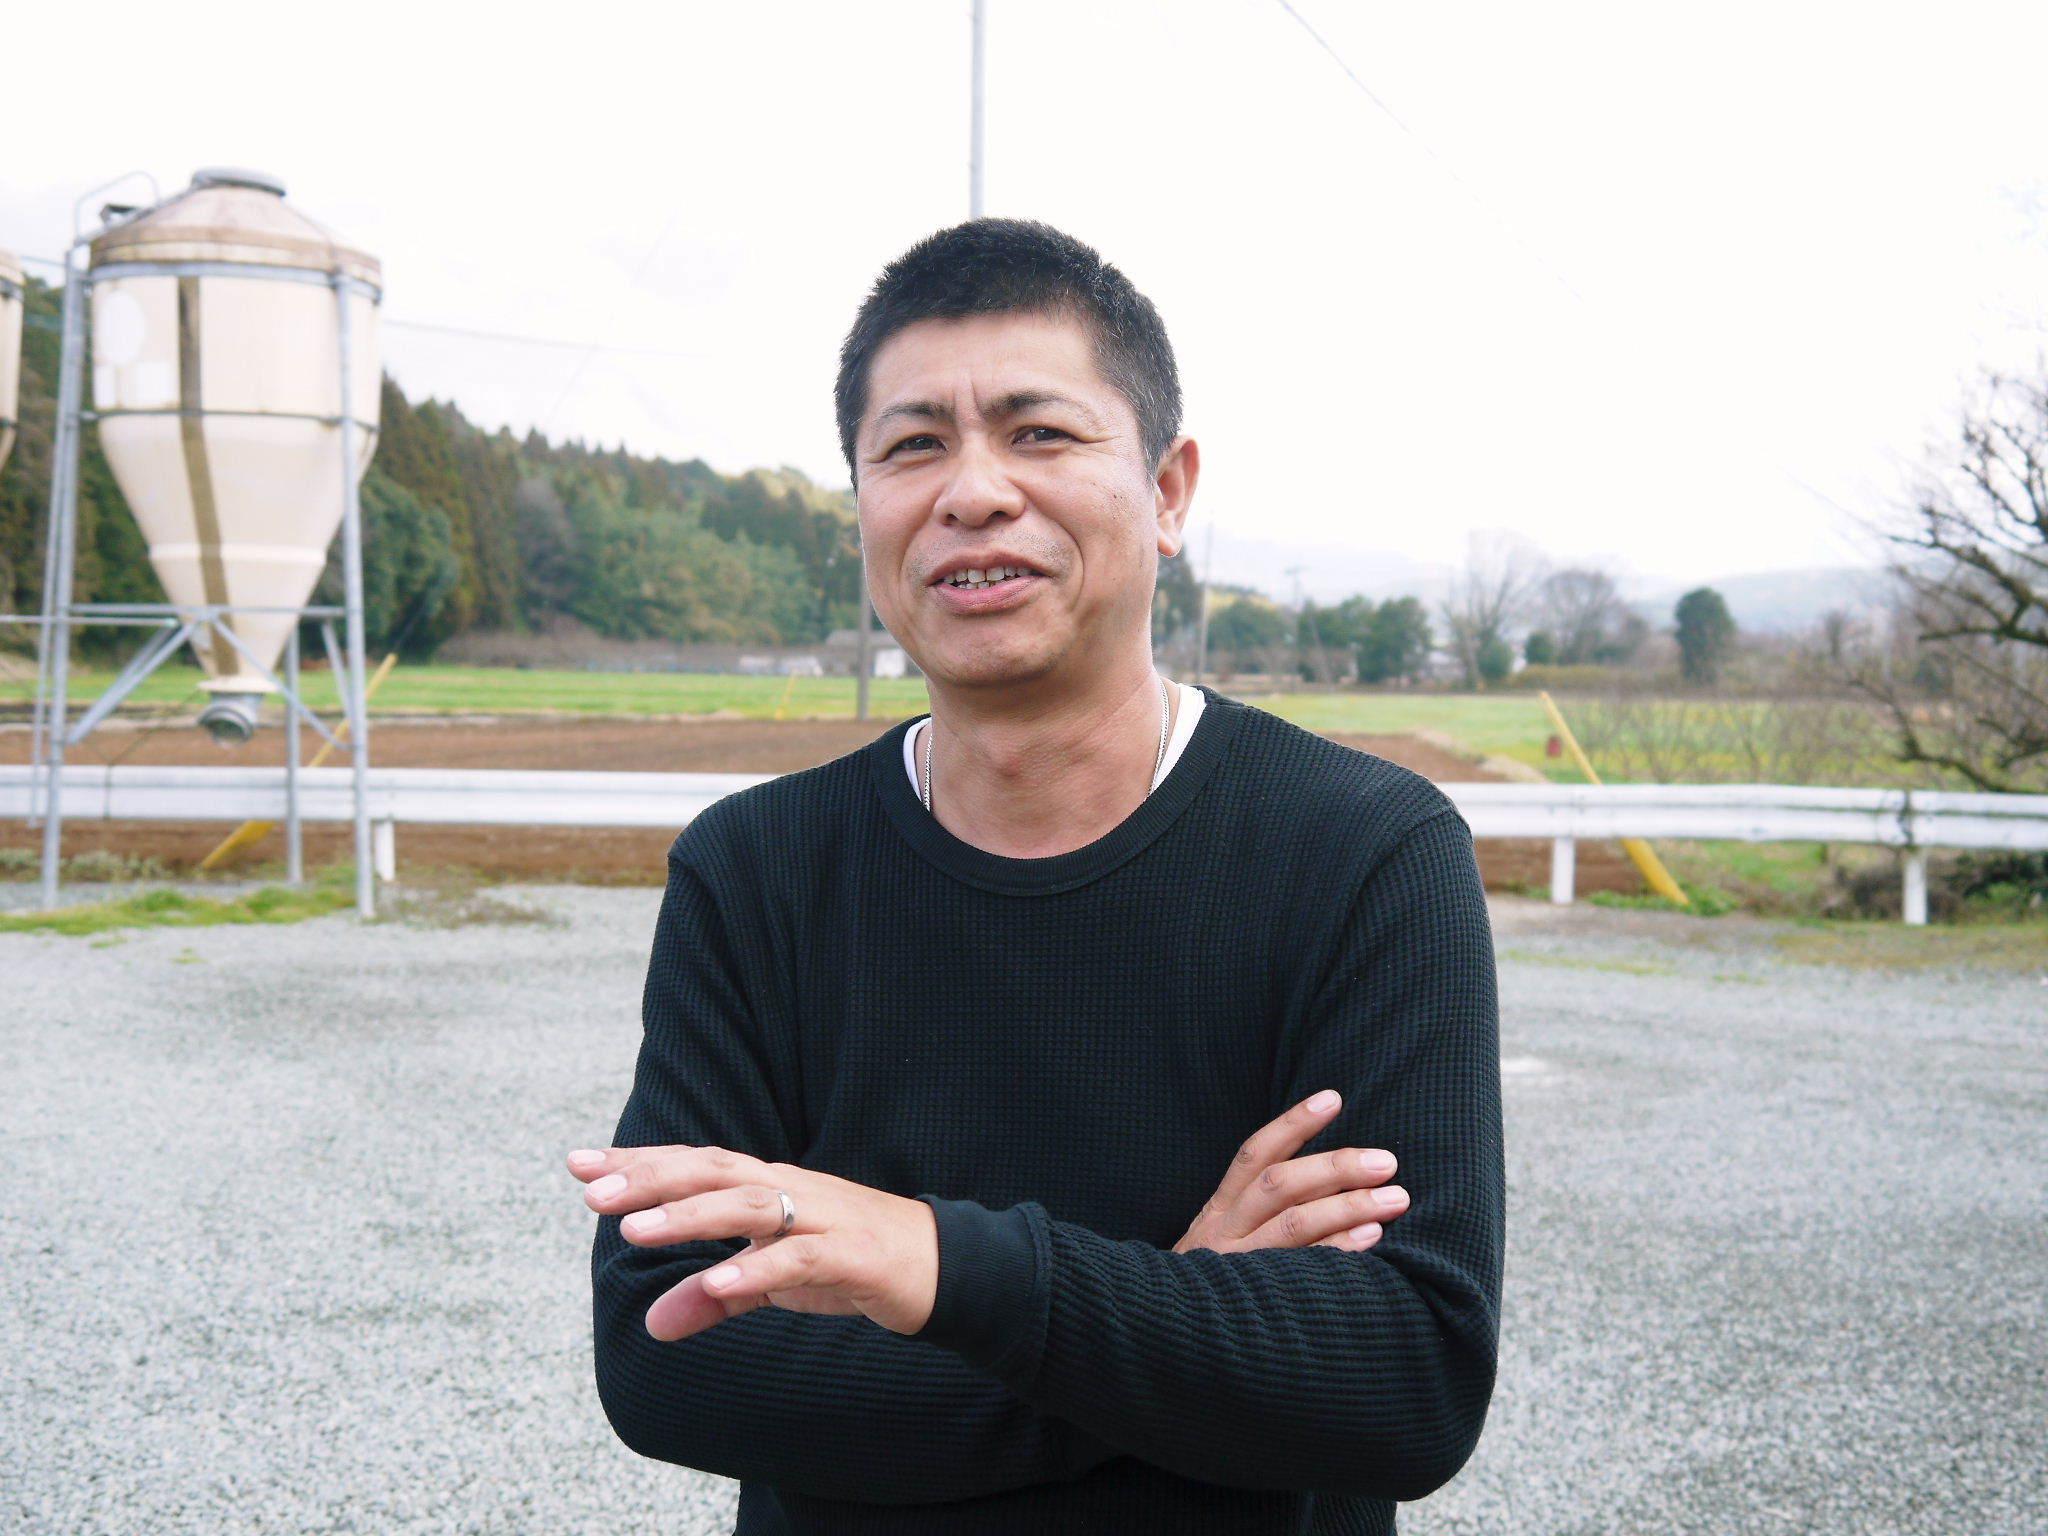 毎月1回の限定販売!熊本県産A5ランク黒毛和牛100%のハンバーグステーキ!令和3年初回出荷は1月20日!_a0254656_17104469.jpg